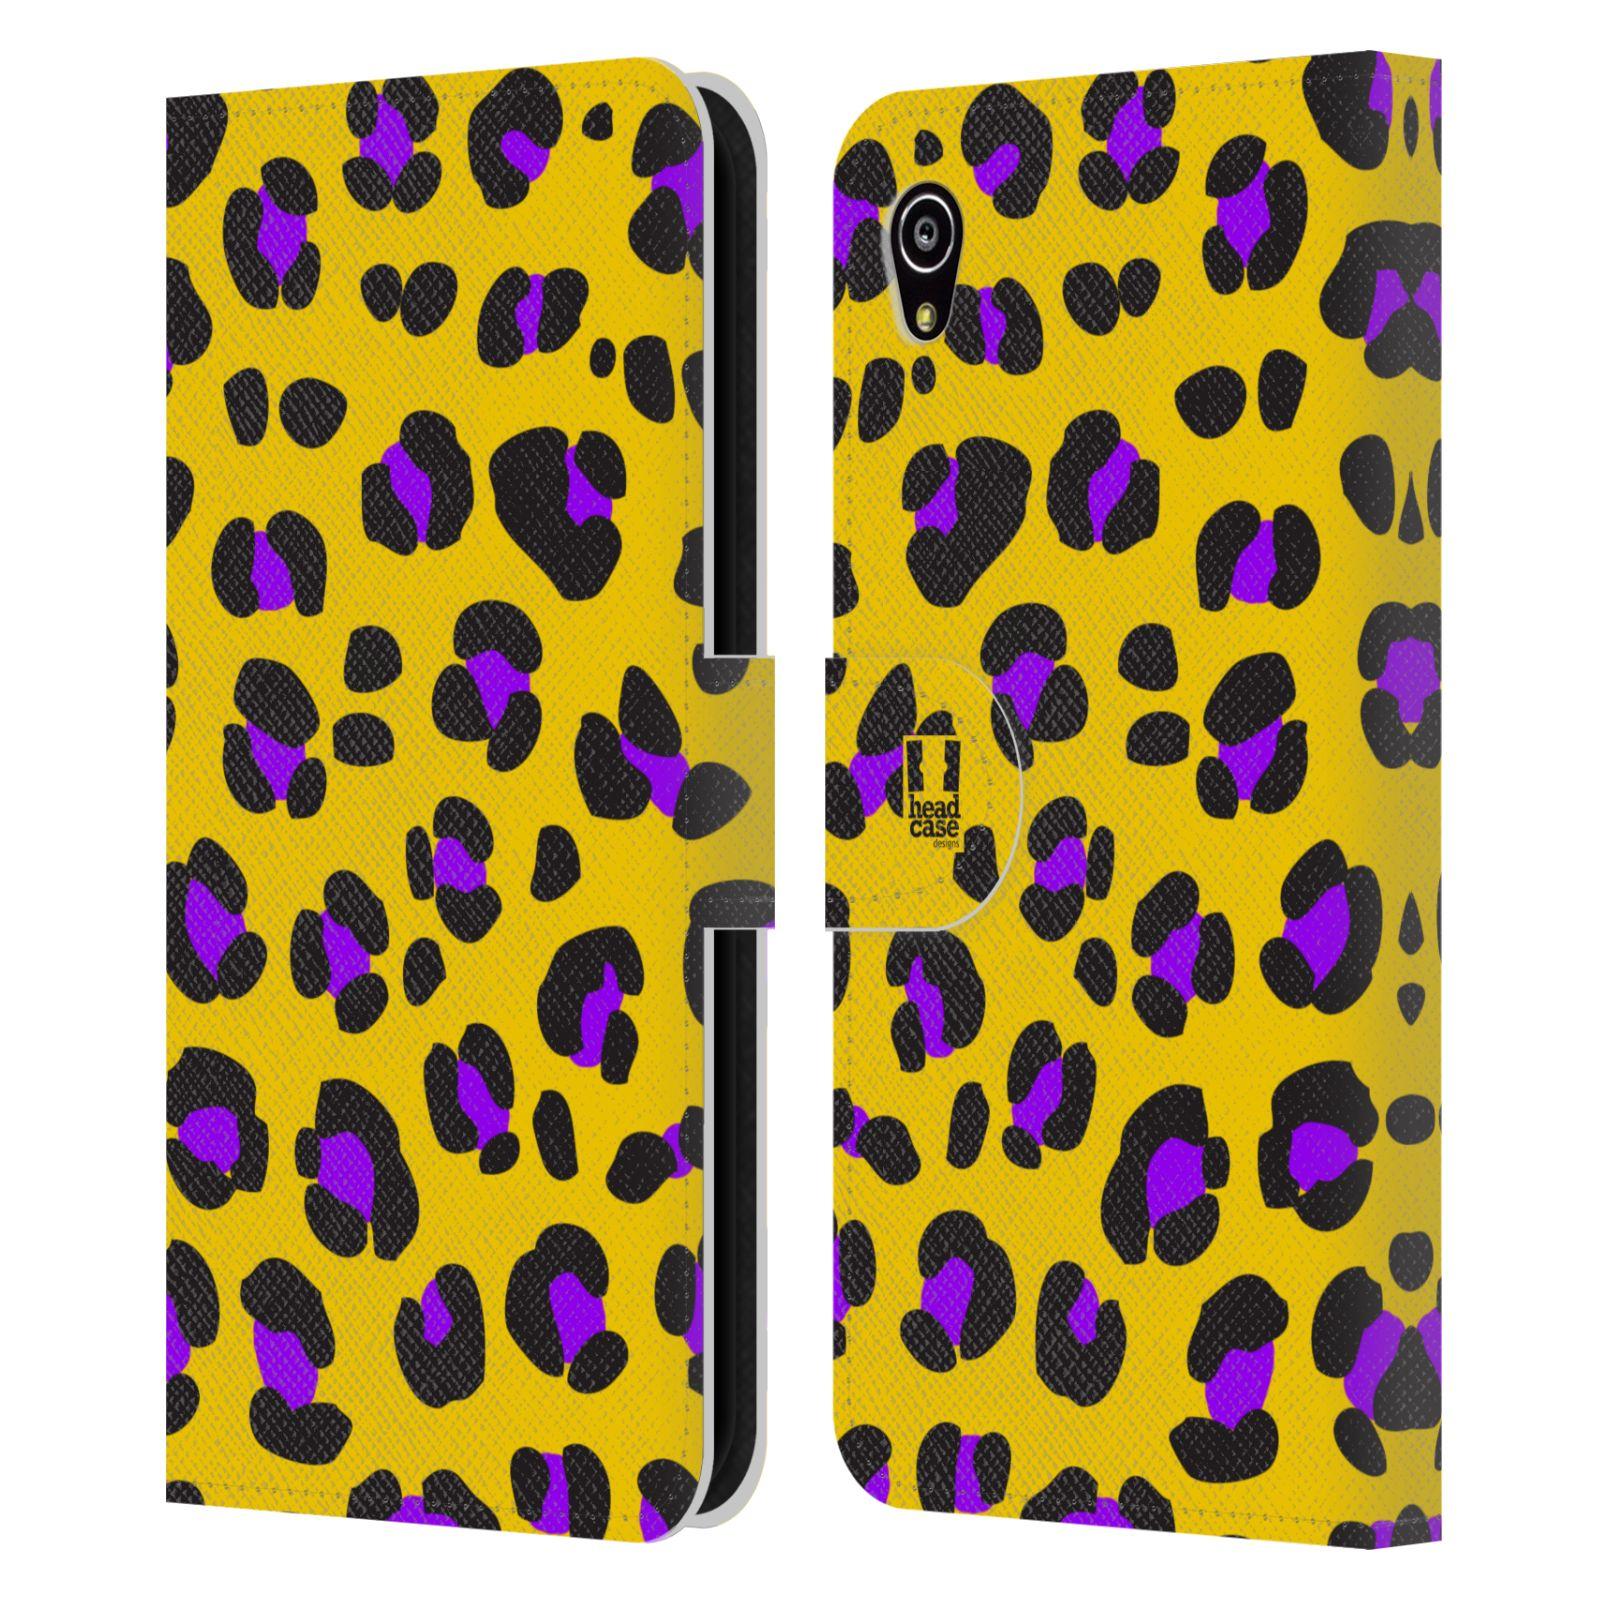 HEAD CASE Flipové pouzdro pro mobil SONY XPERIA M4 AQUA Zvířecí barevné vzory žlutý leopard fialové skvrny